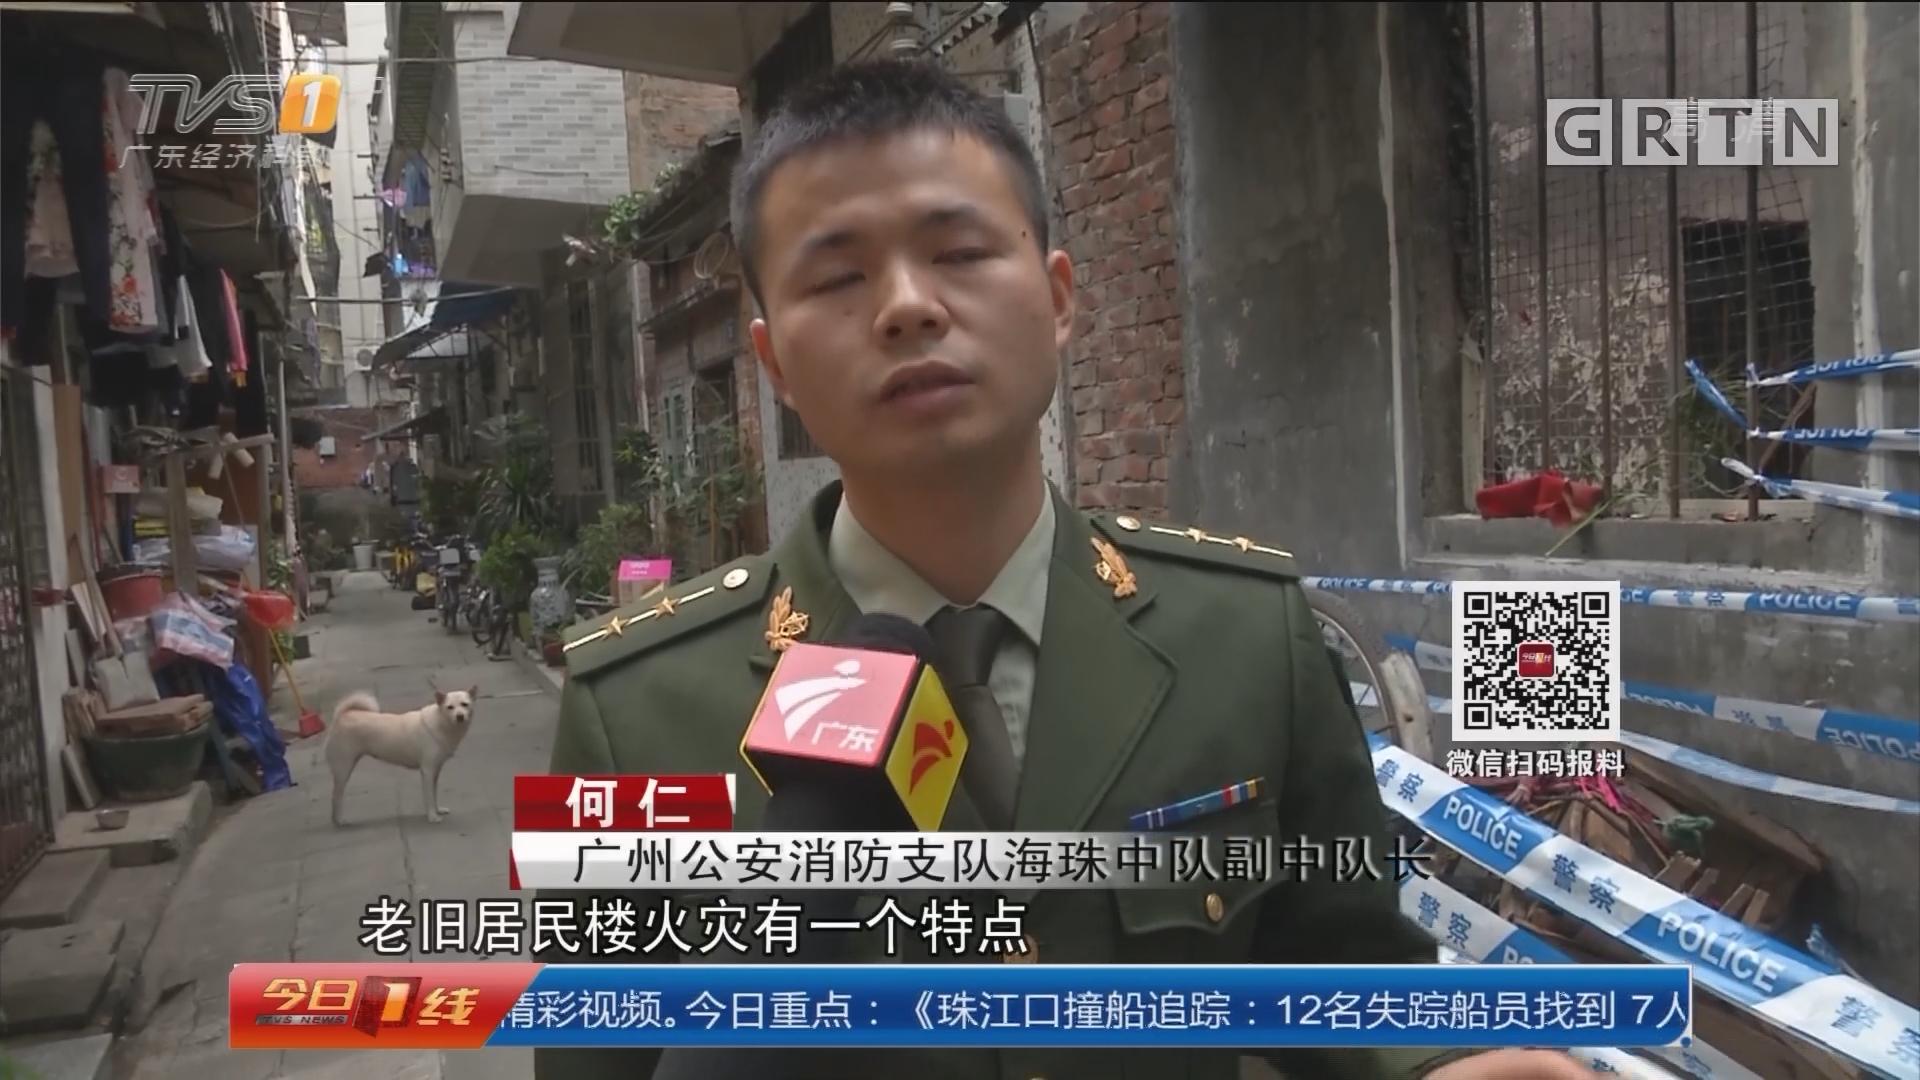 """系列专栏""""温度"""":广州 老人被困火海 英勇街坊施援手"""